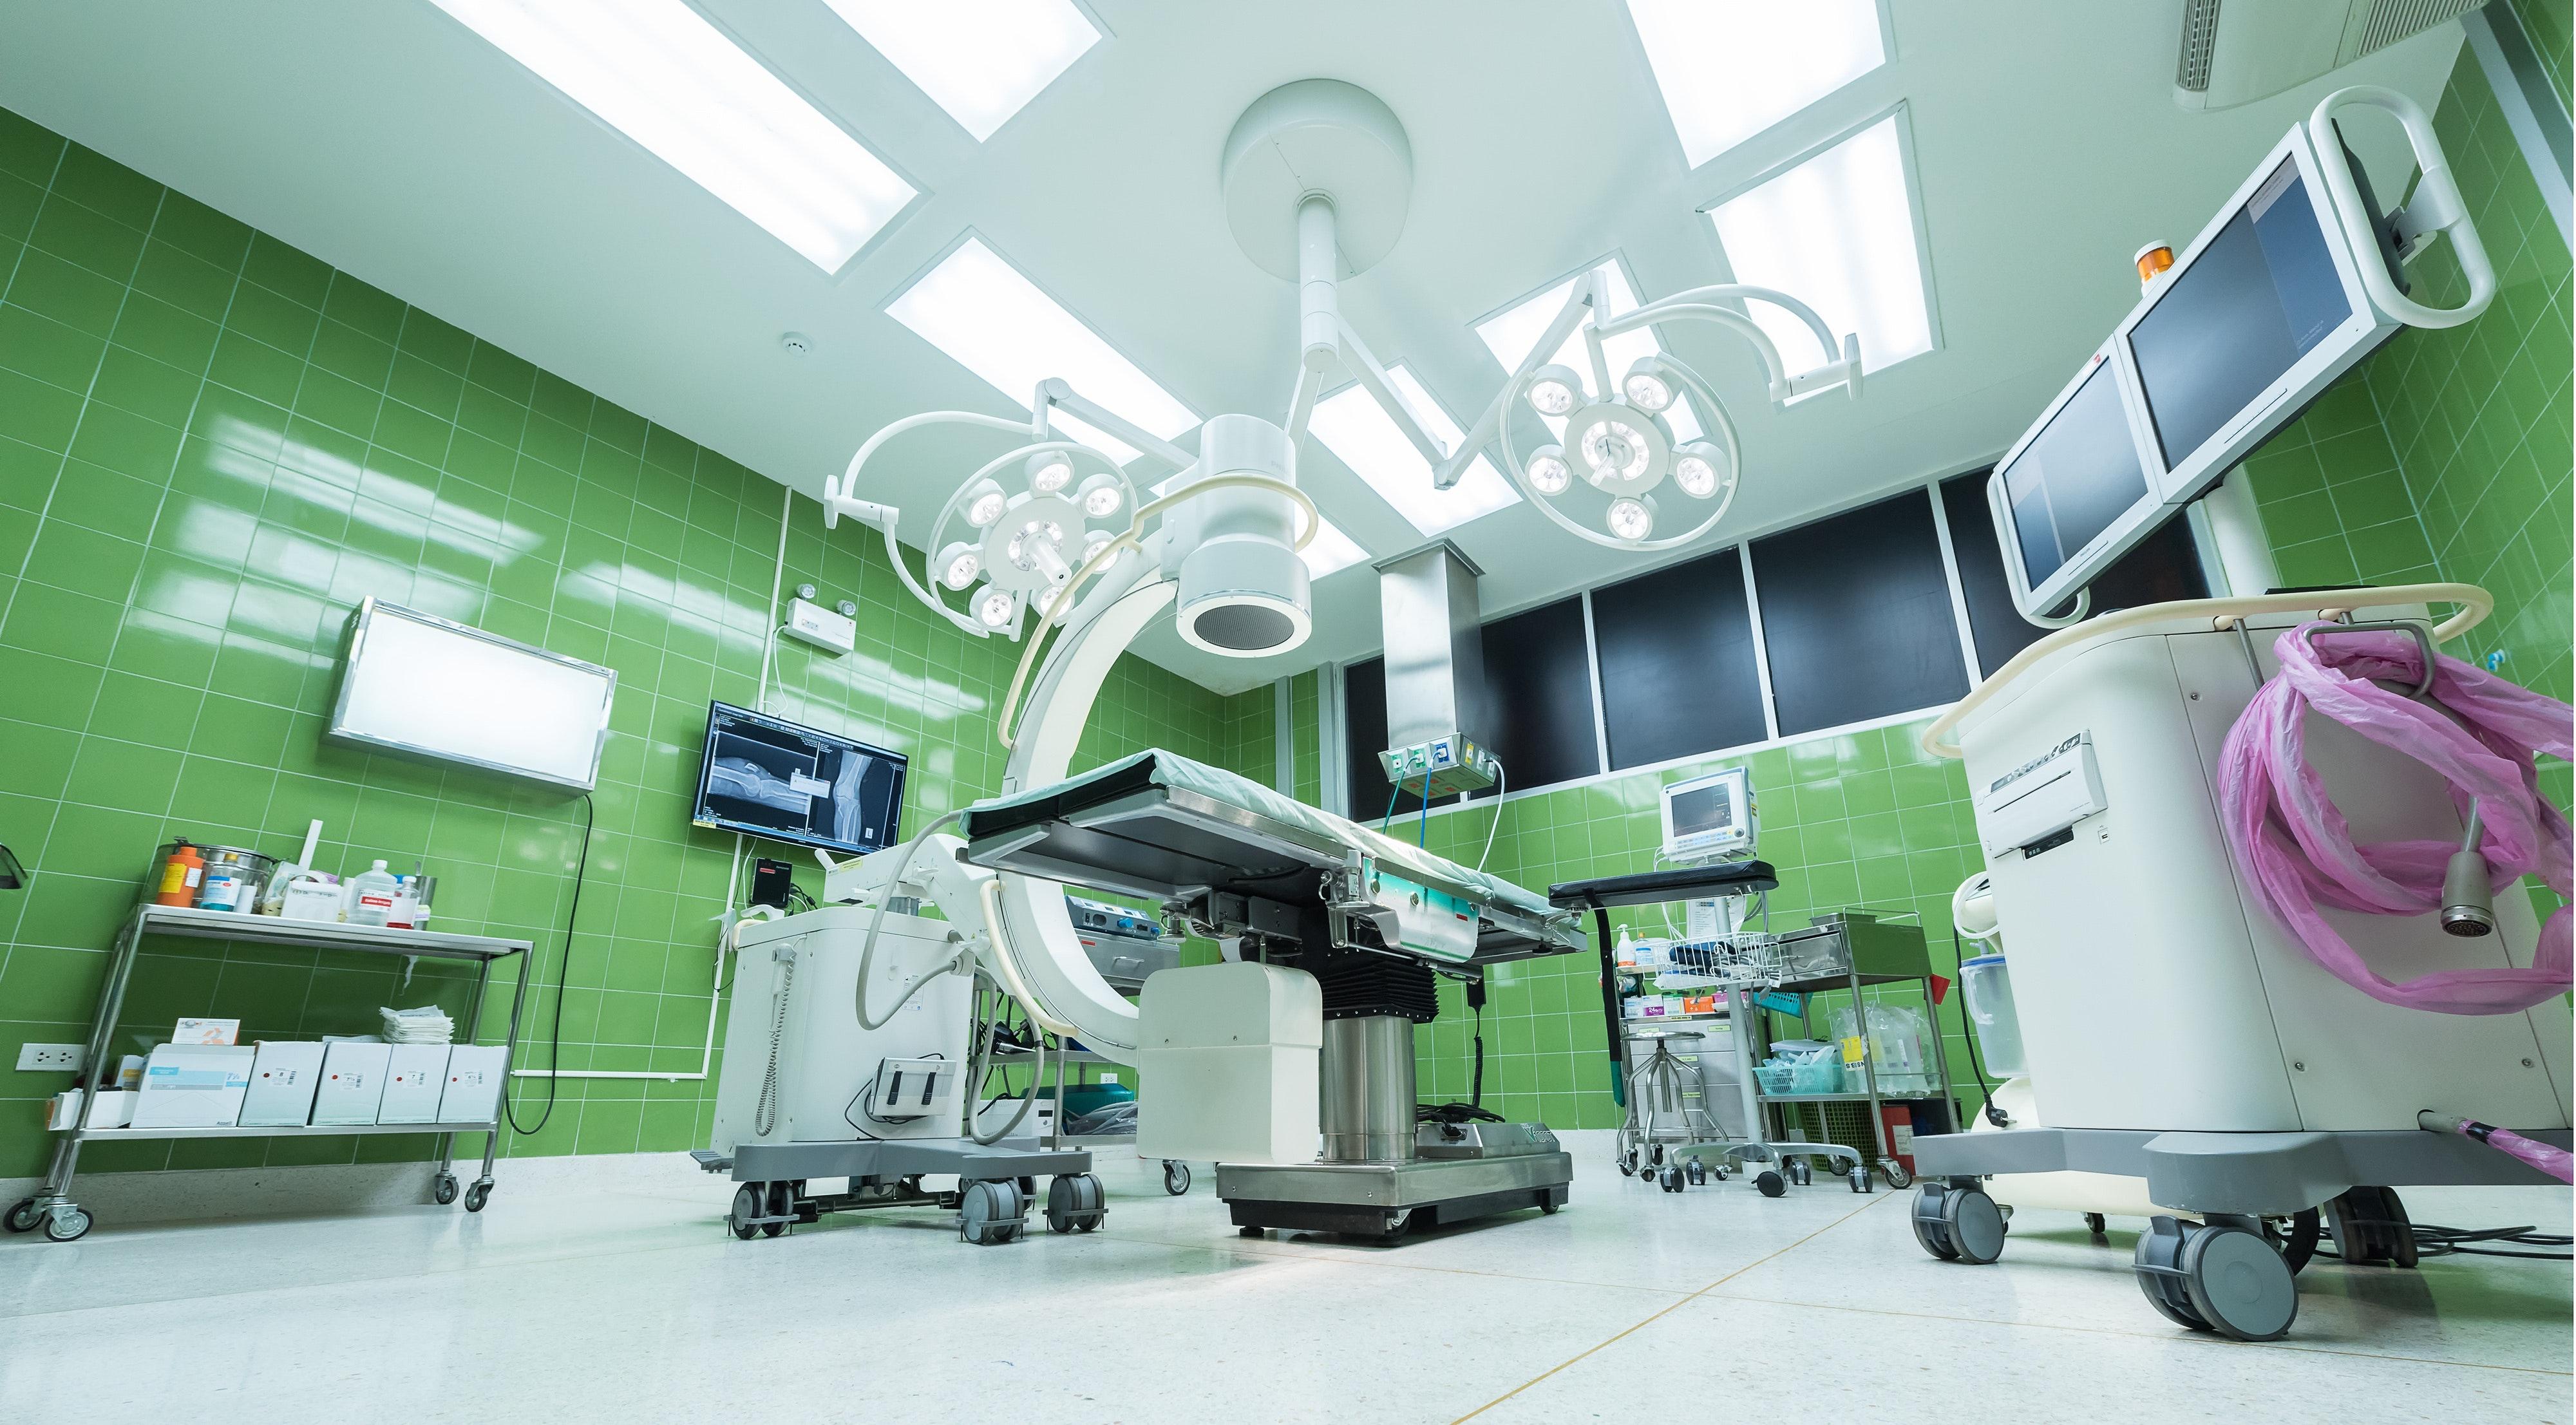 Bodet satovi za operacijske sale